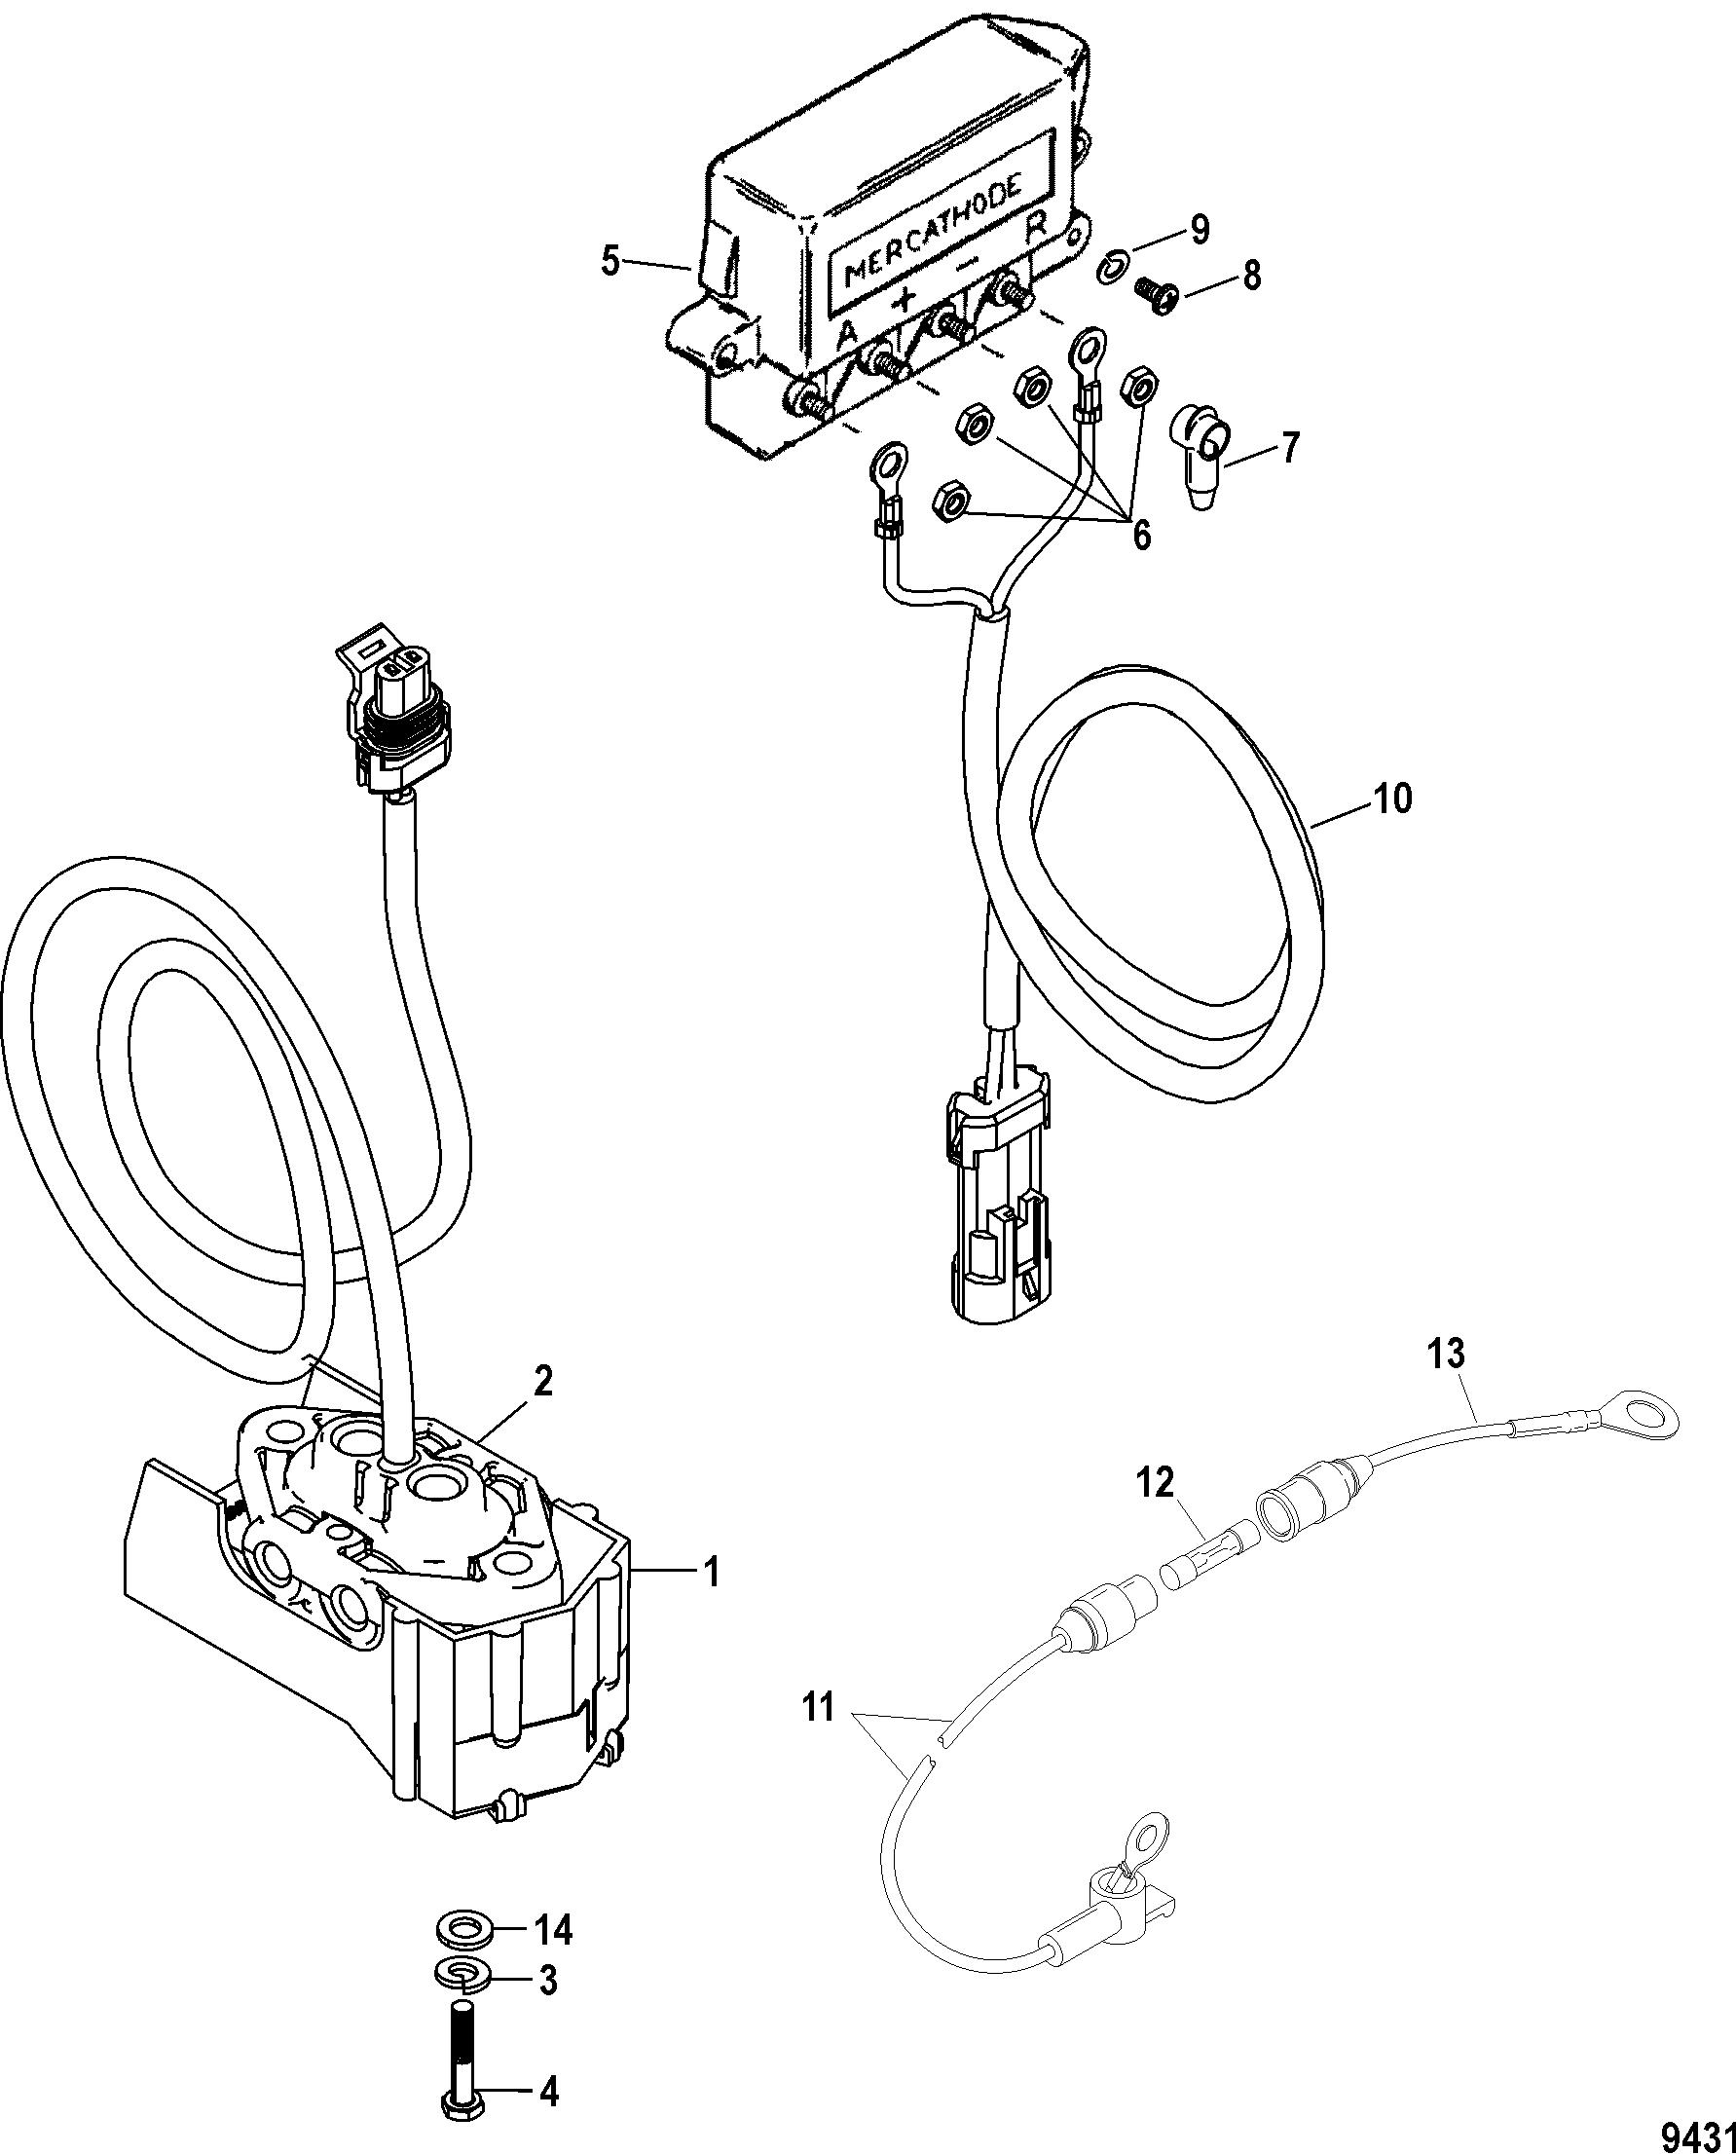 Mercathode Kit Integrated Transom FOR MERCRUISER / RACE